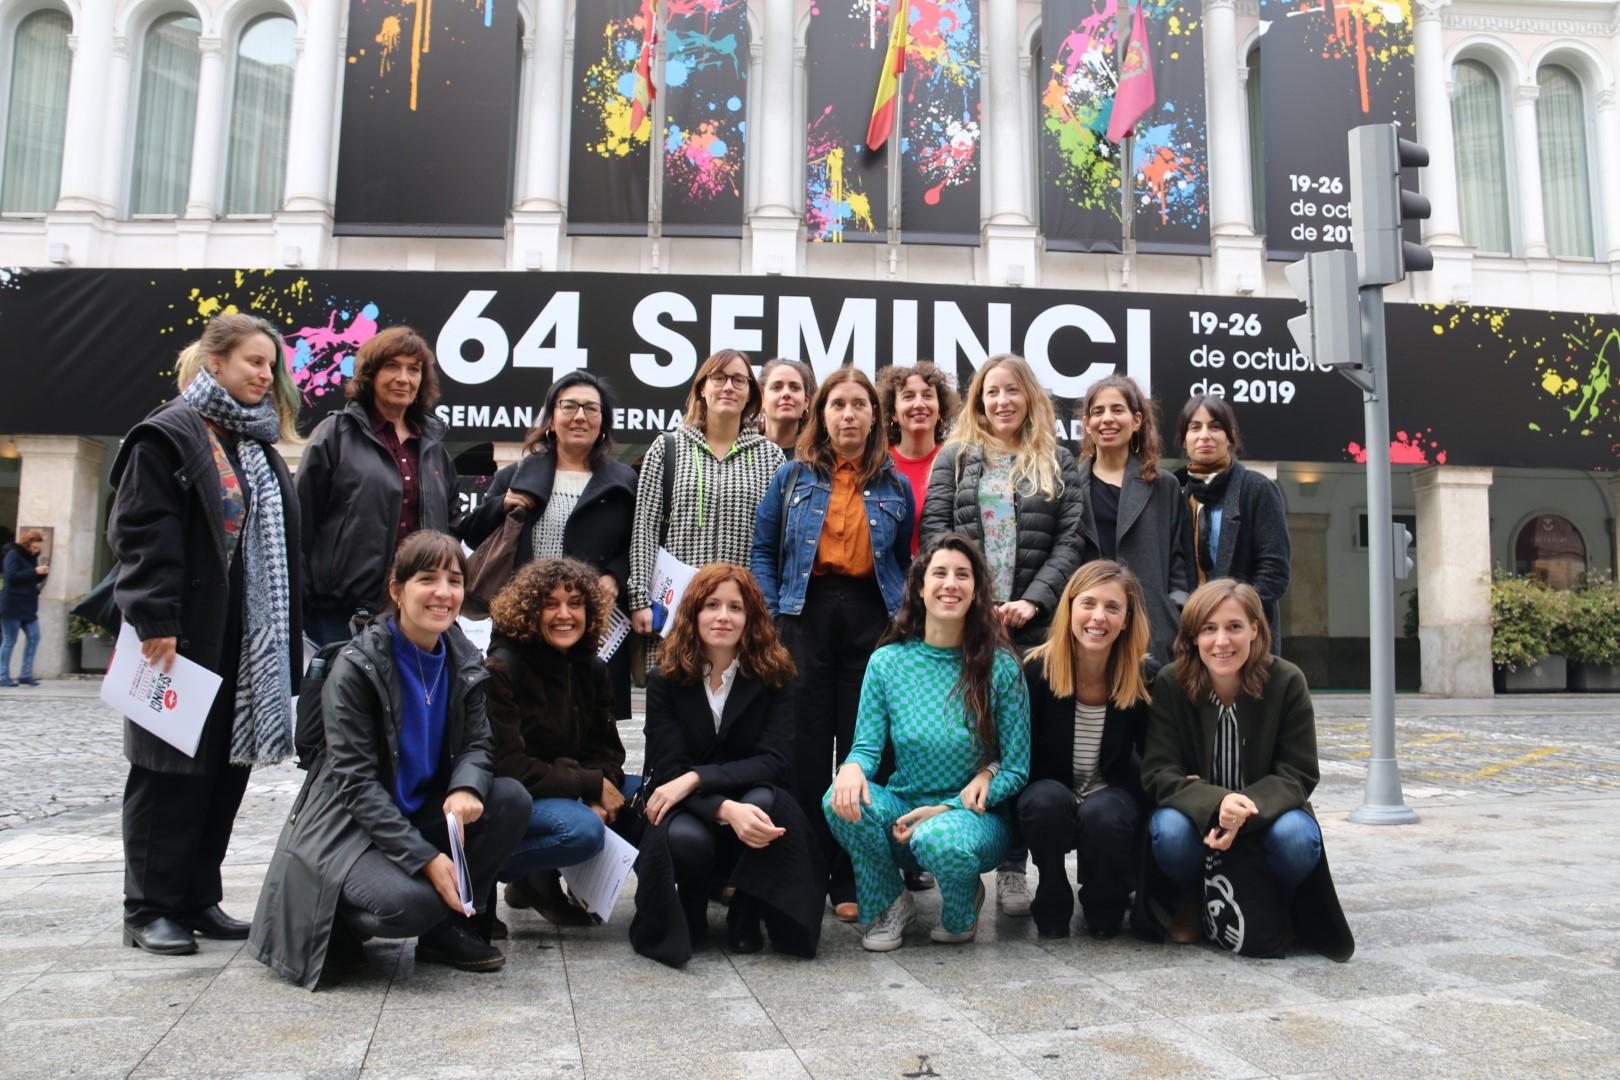 64 SEMINCI. III Encuentro de Mujeres Cineastas